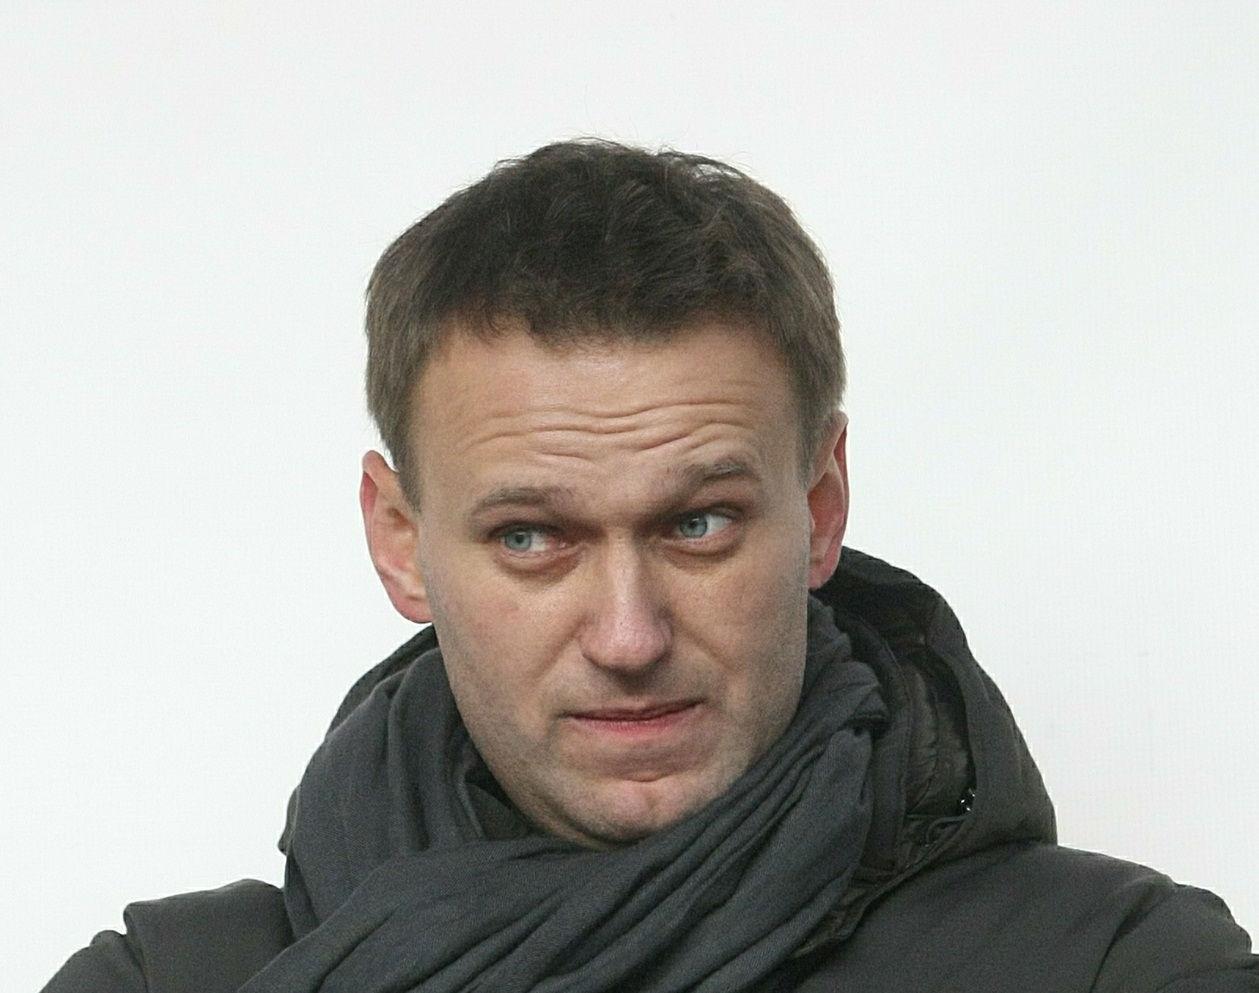 Алексей Навальный вернулся в офис Фонда борьбы с коррупцией // Russian Look